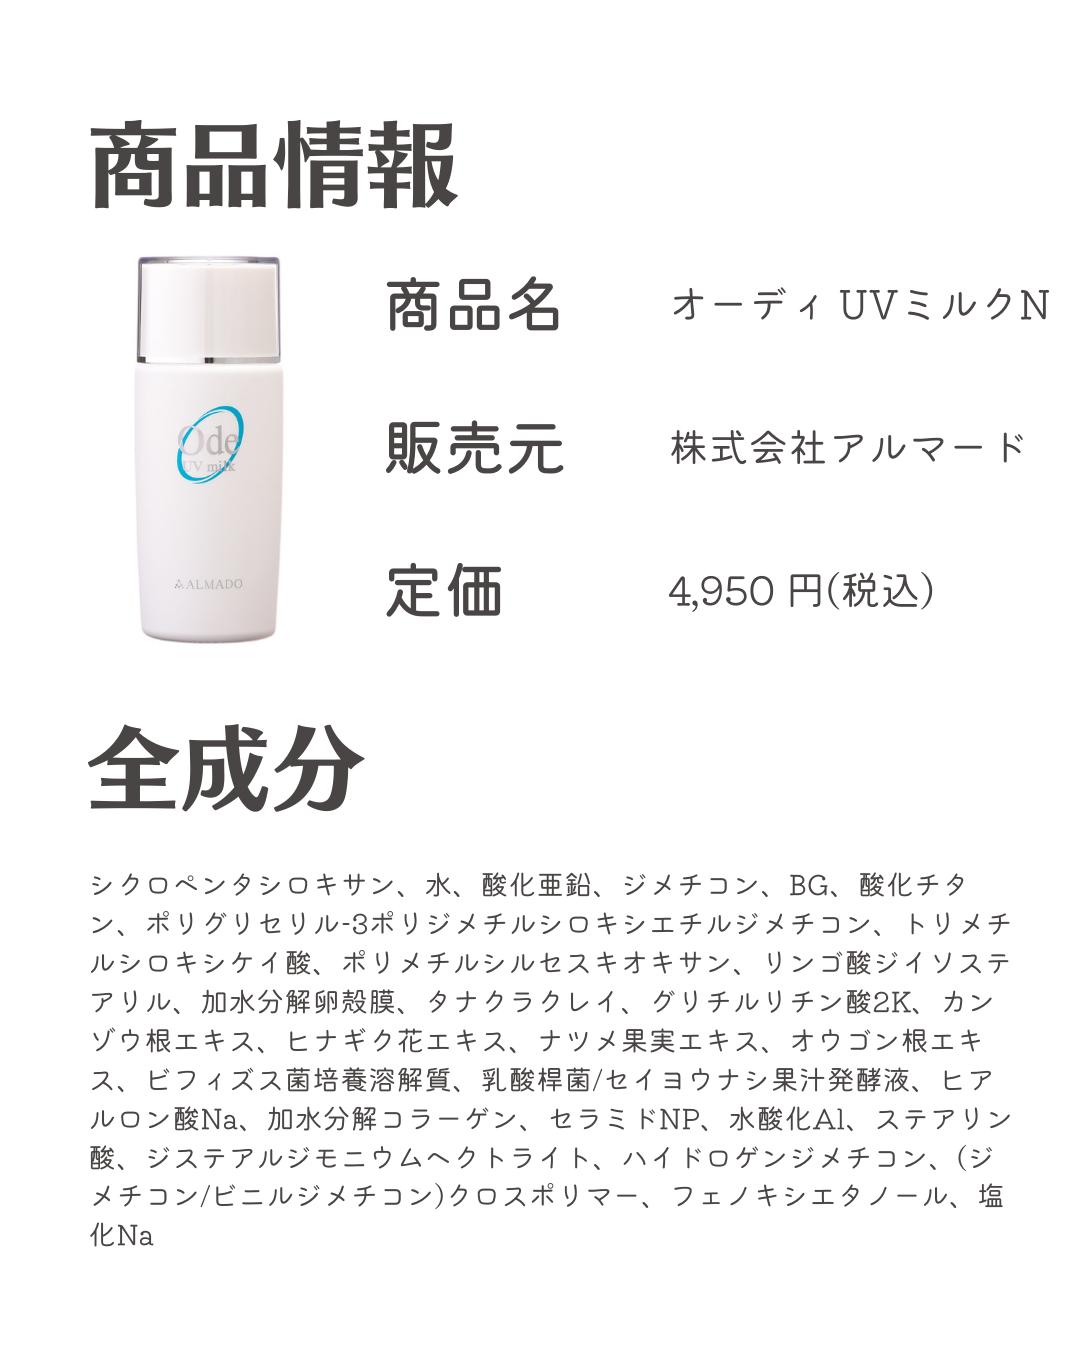 オーディ UVミルクNの商品情報と全成分